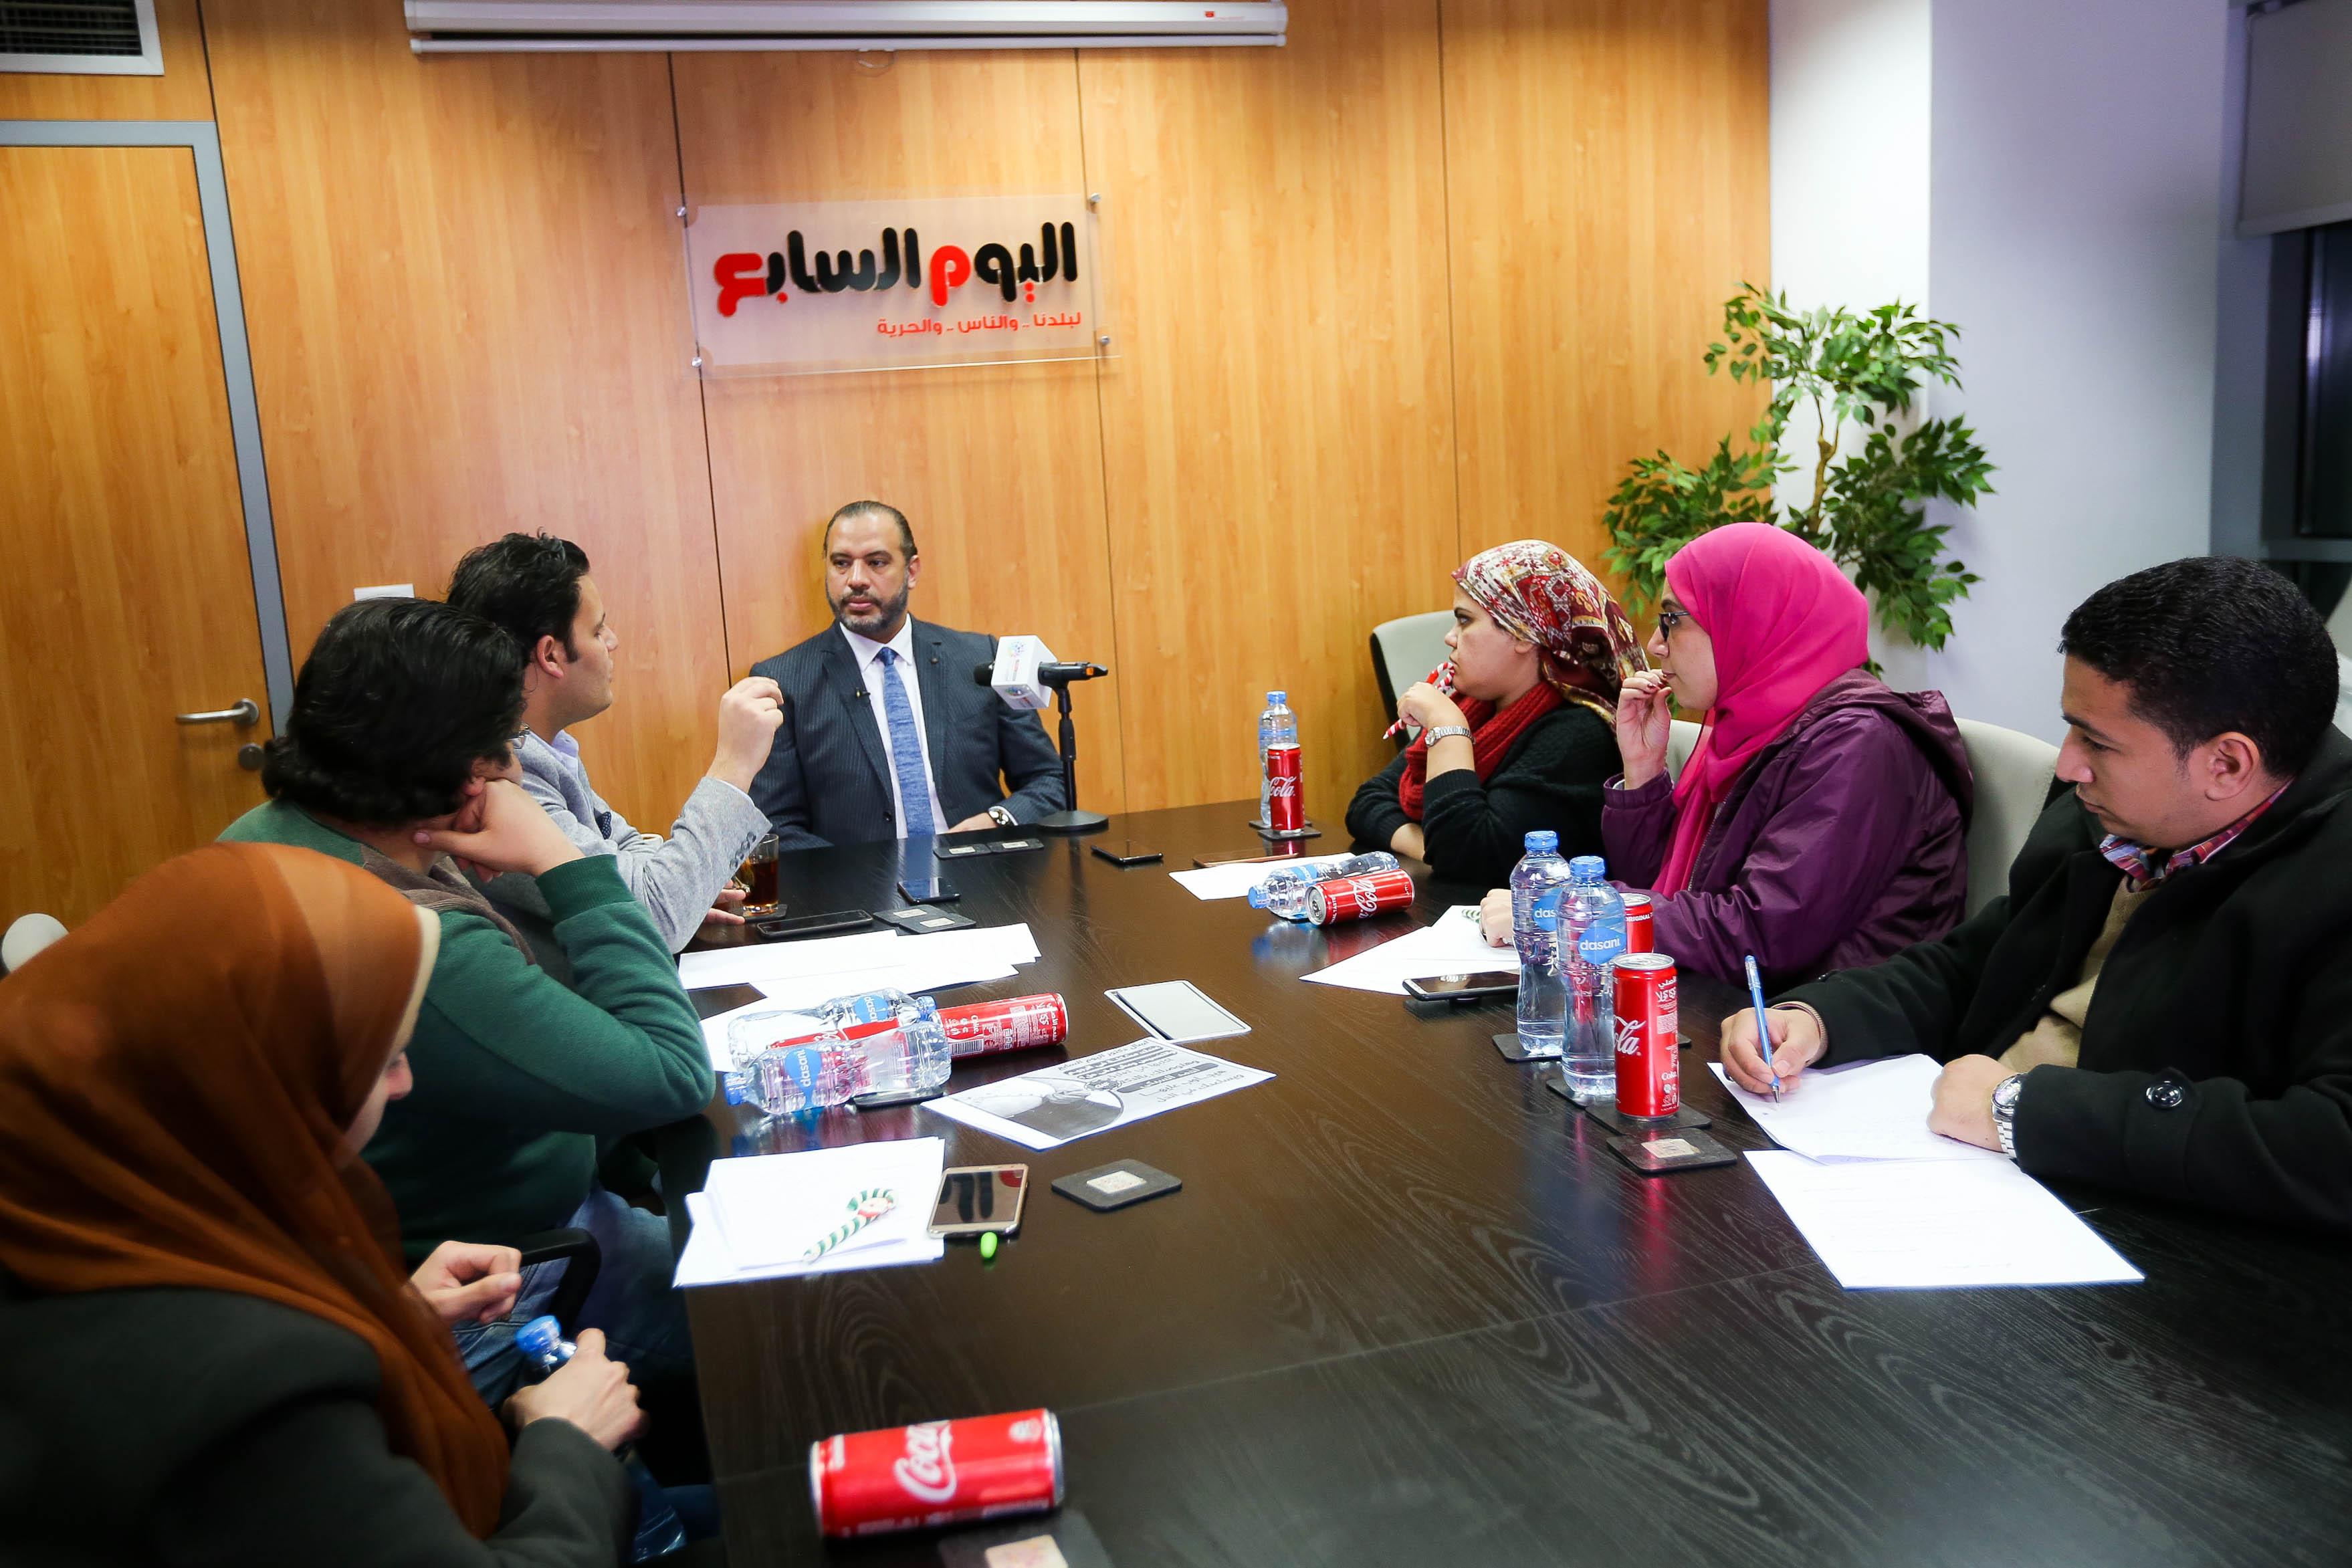 ندوة اليوم السابع الطبية مع الدكتور أحمد السبكى